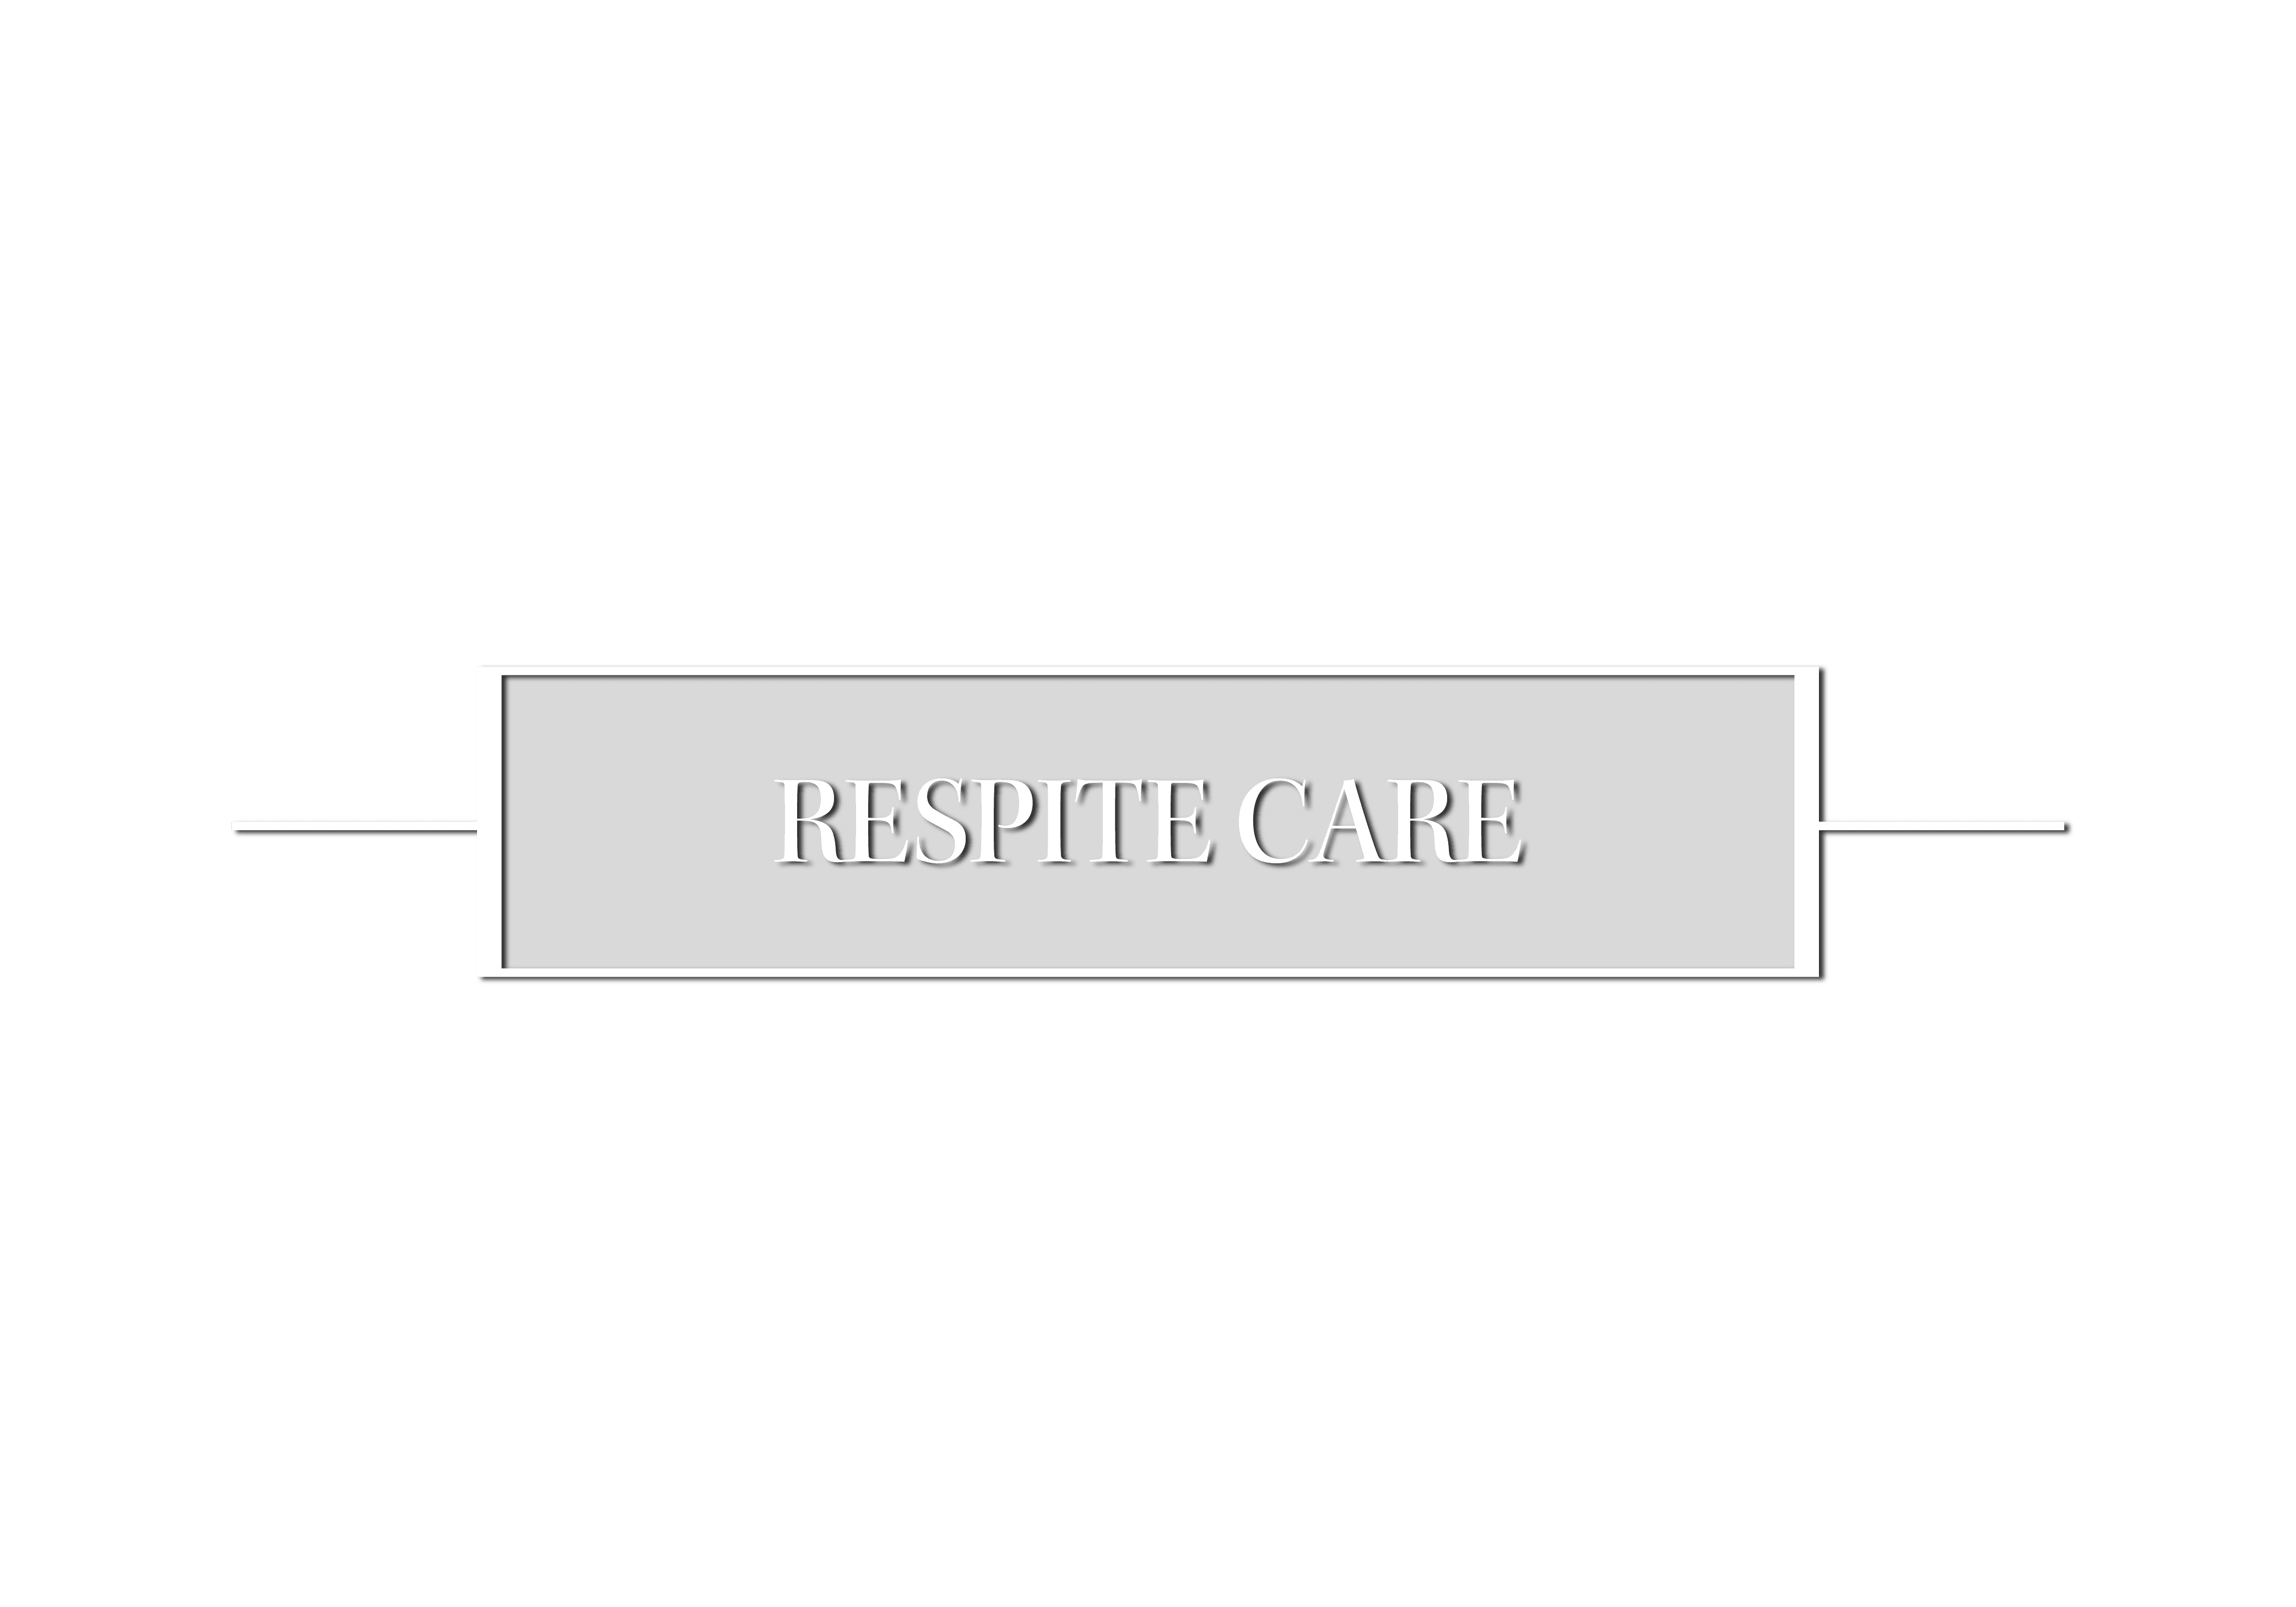 respite care graphic